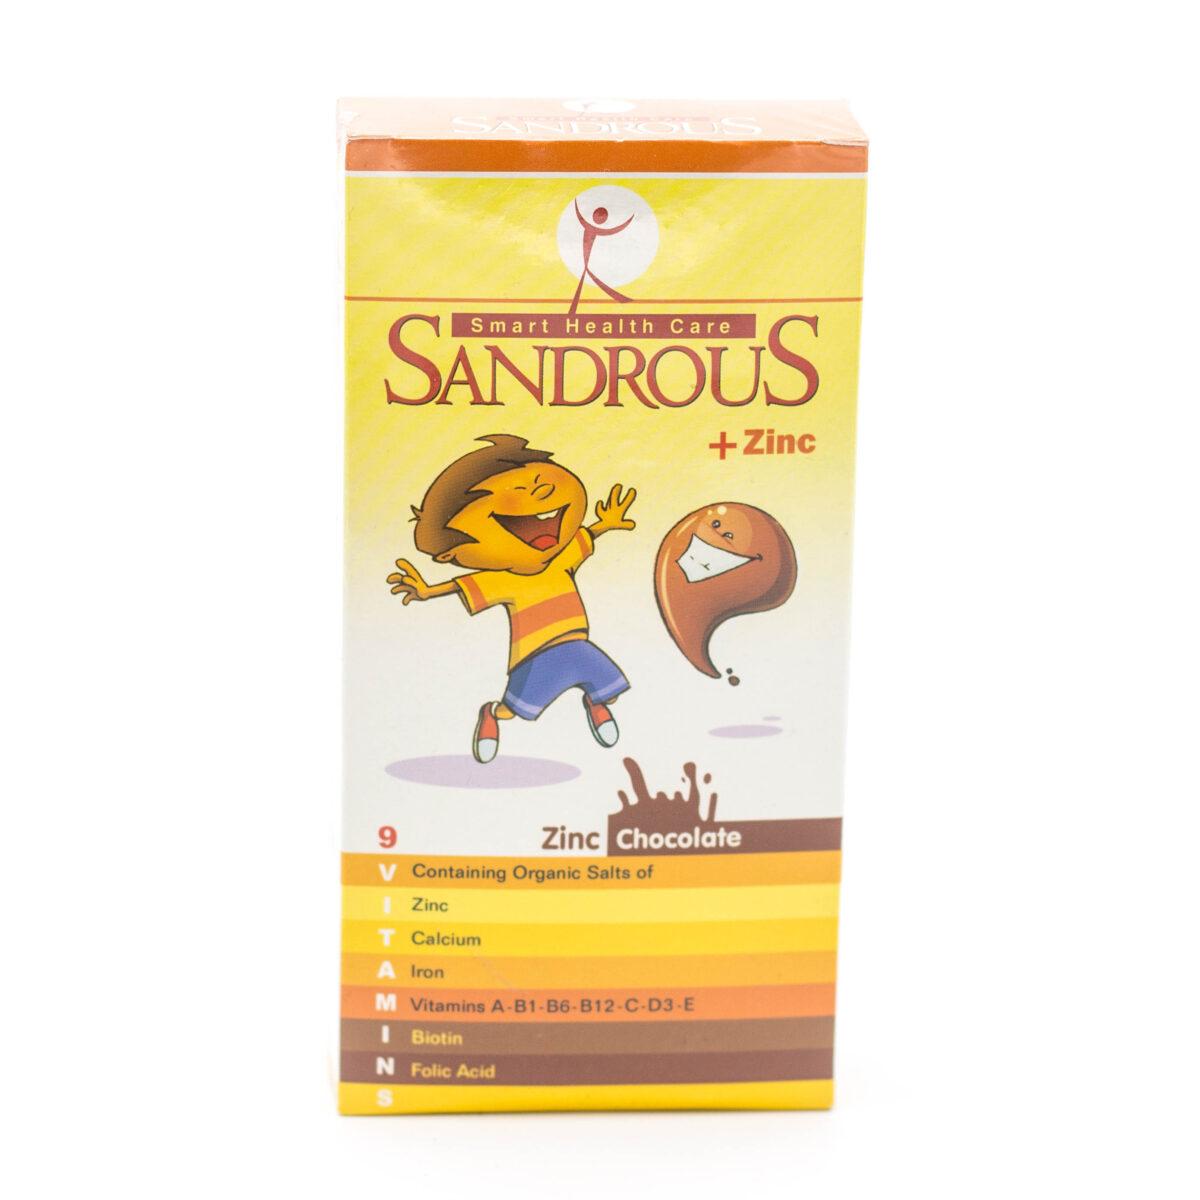 شربت سندروس پلاس زینک SANDROUS